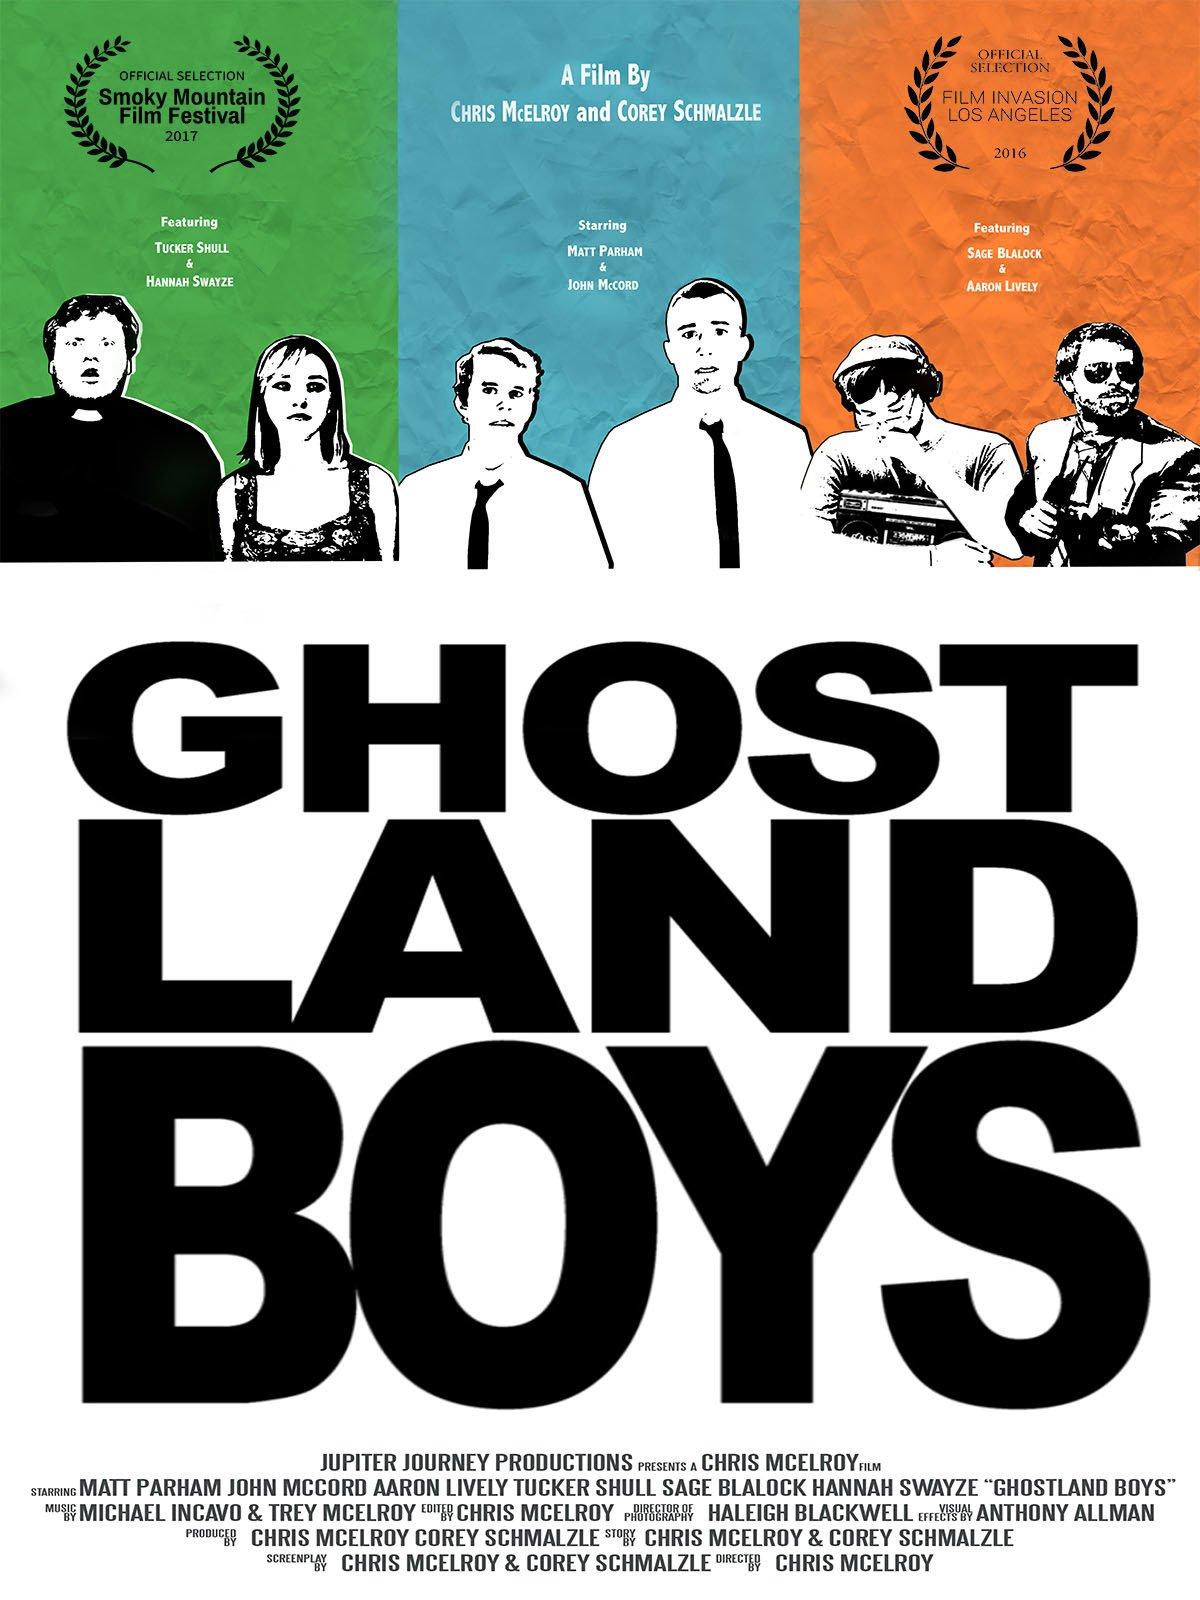 Ghostland Boys